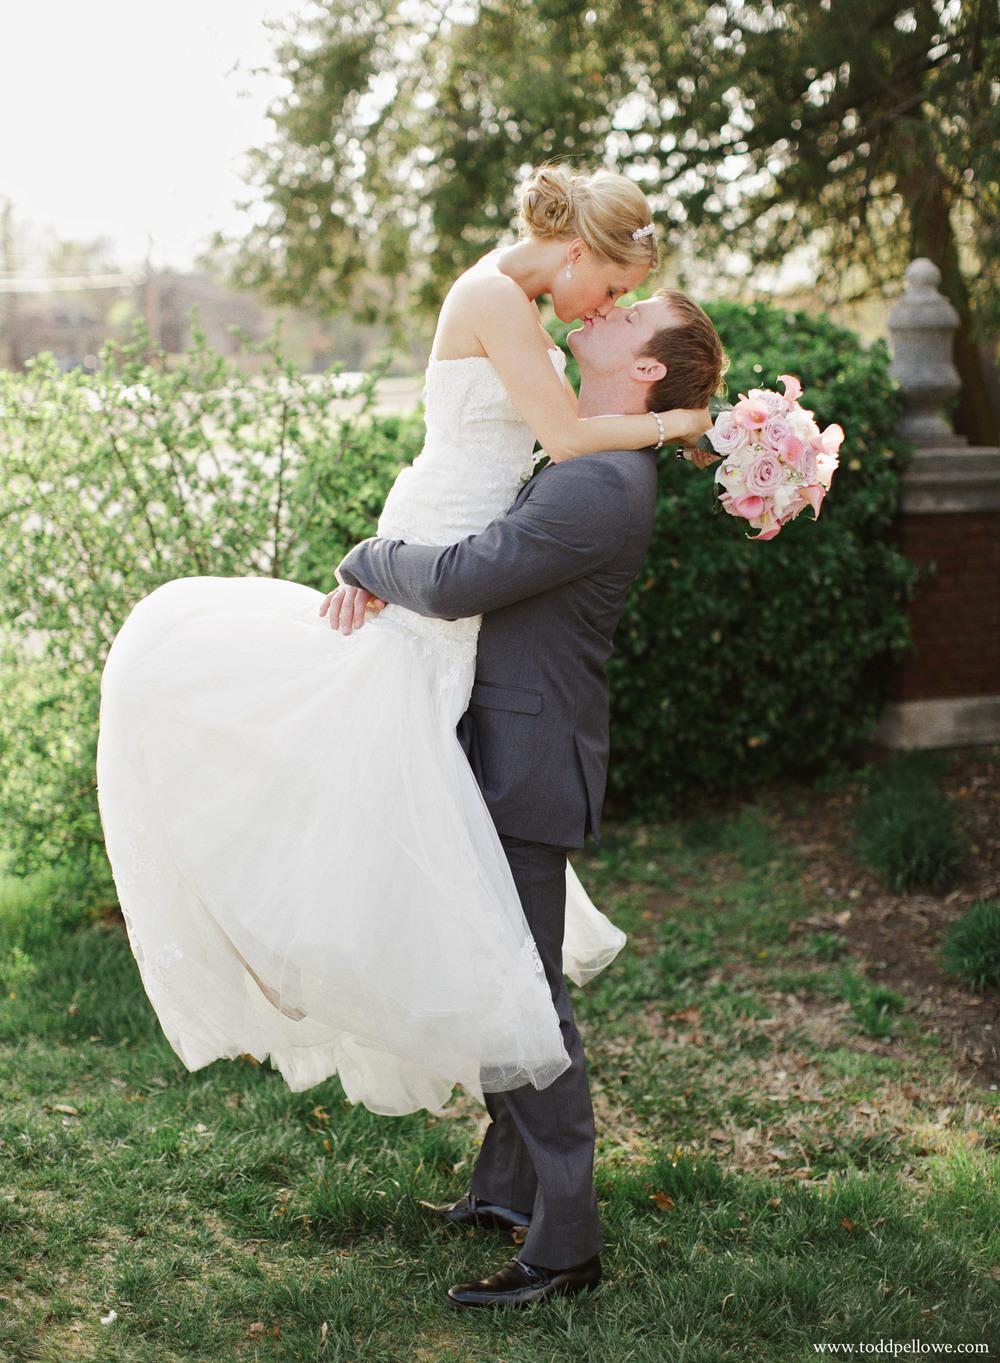 03-ashley-brian-brohm-louisville-wedding-461.jpg